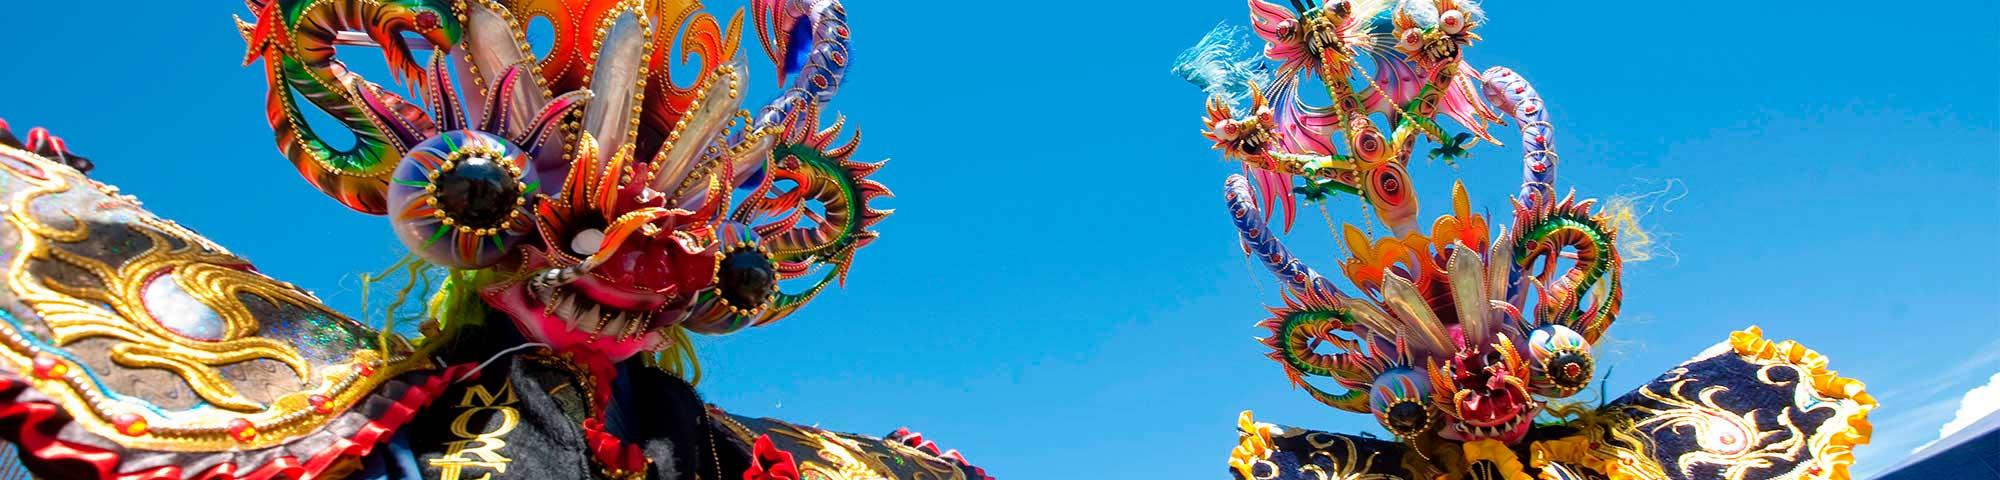 Declaran como Patrimonio Cultural de la Nación a la danza Diablada Puneña